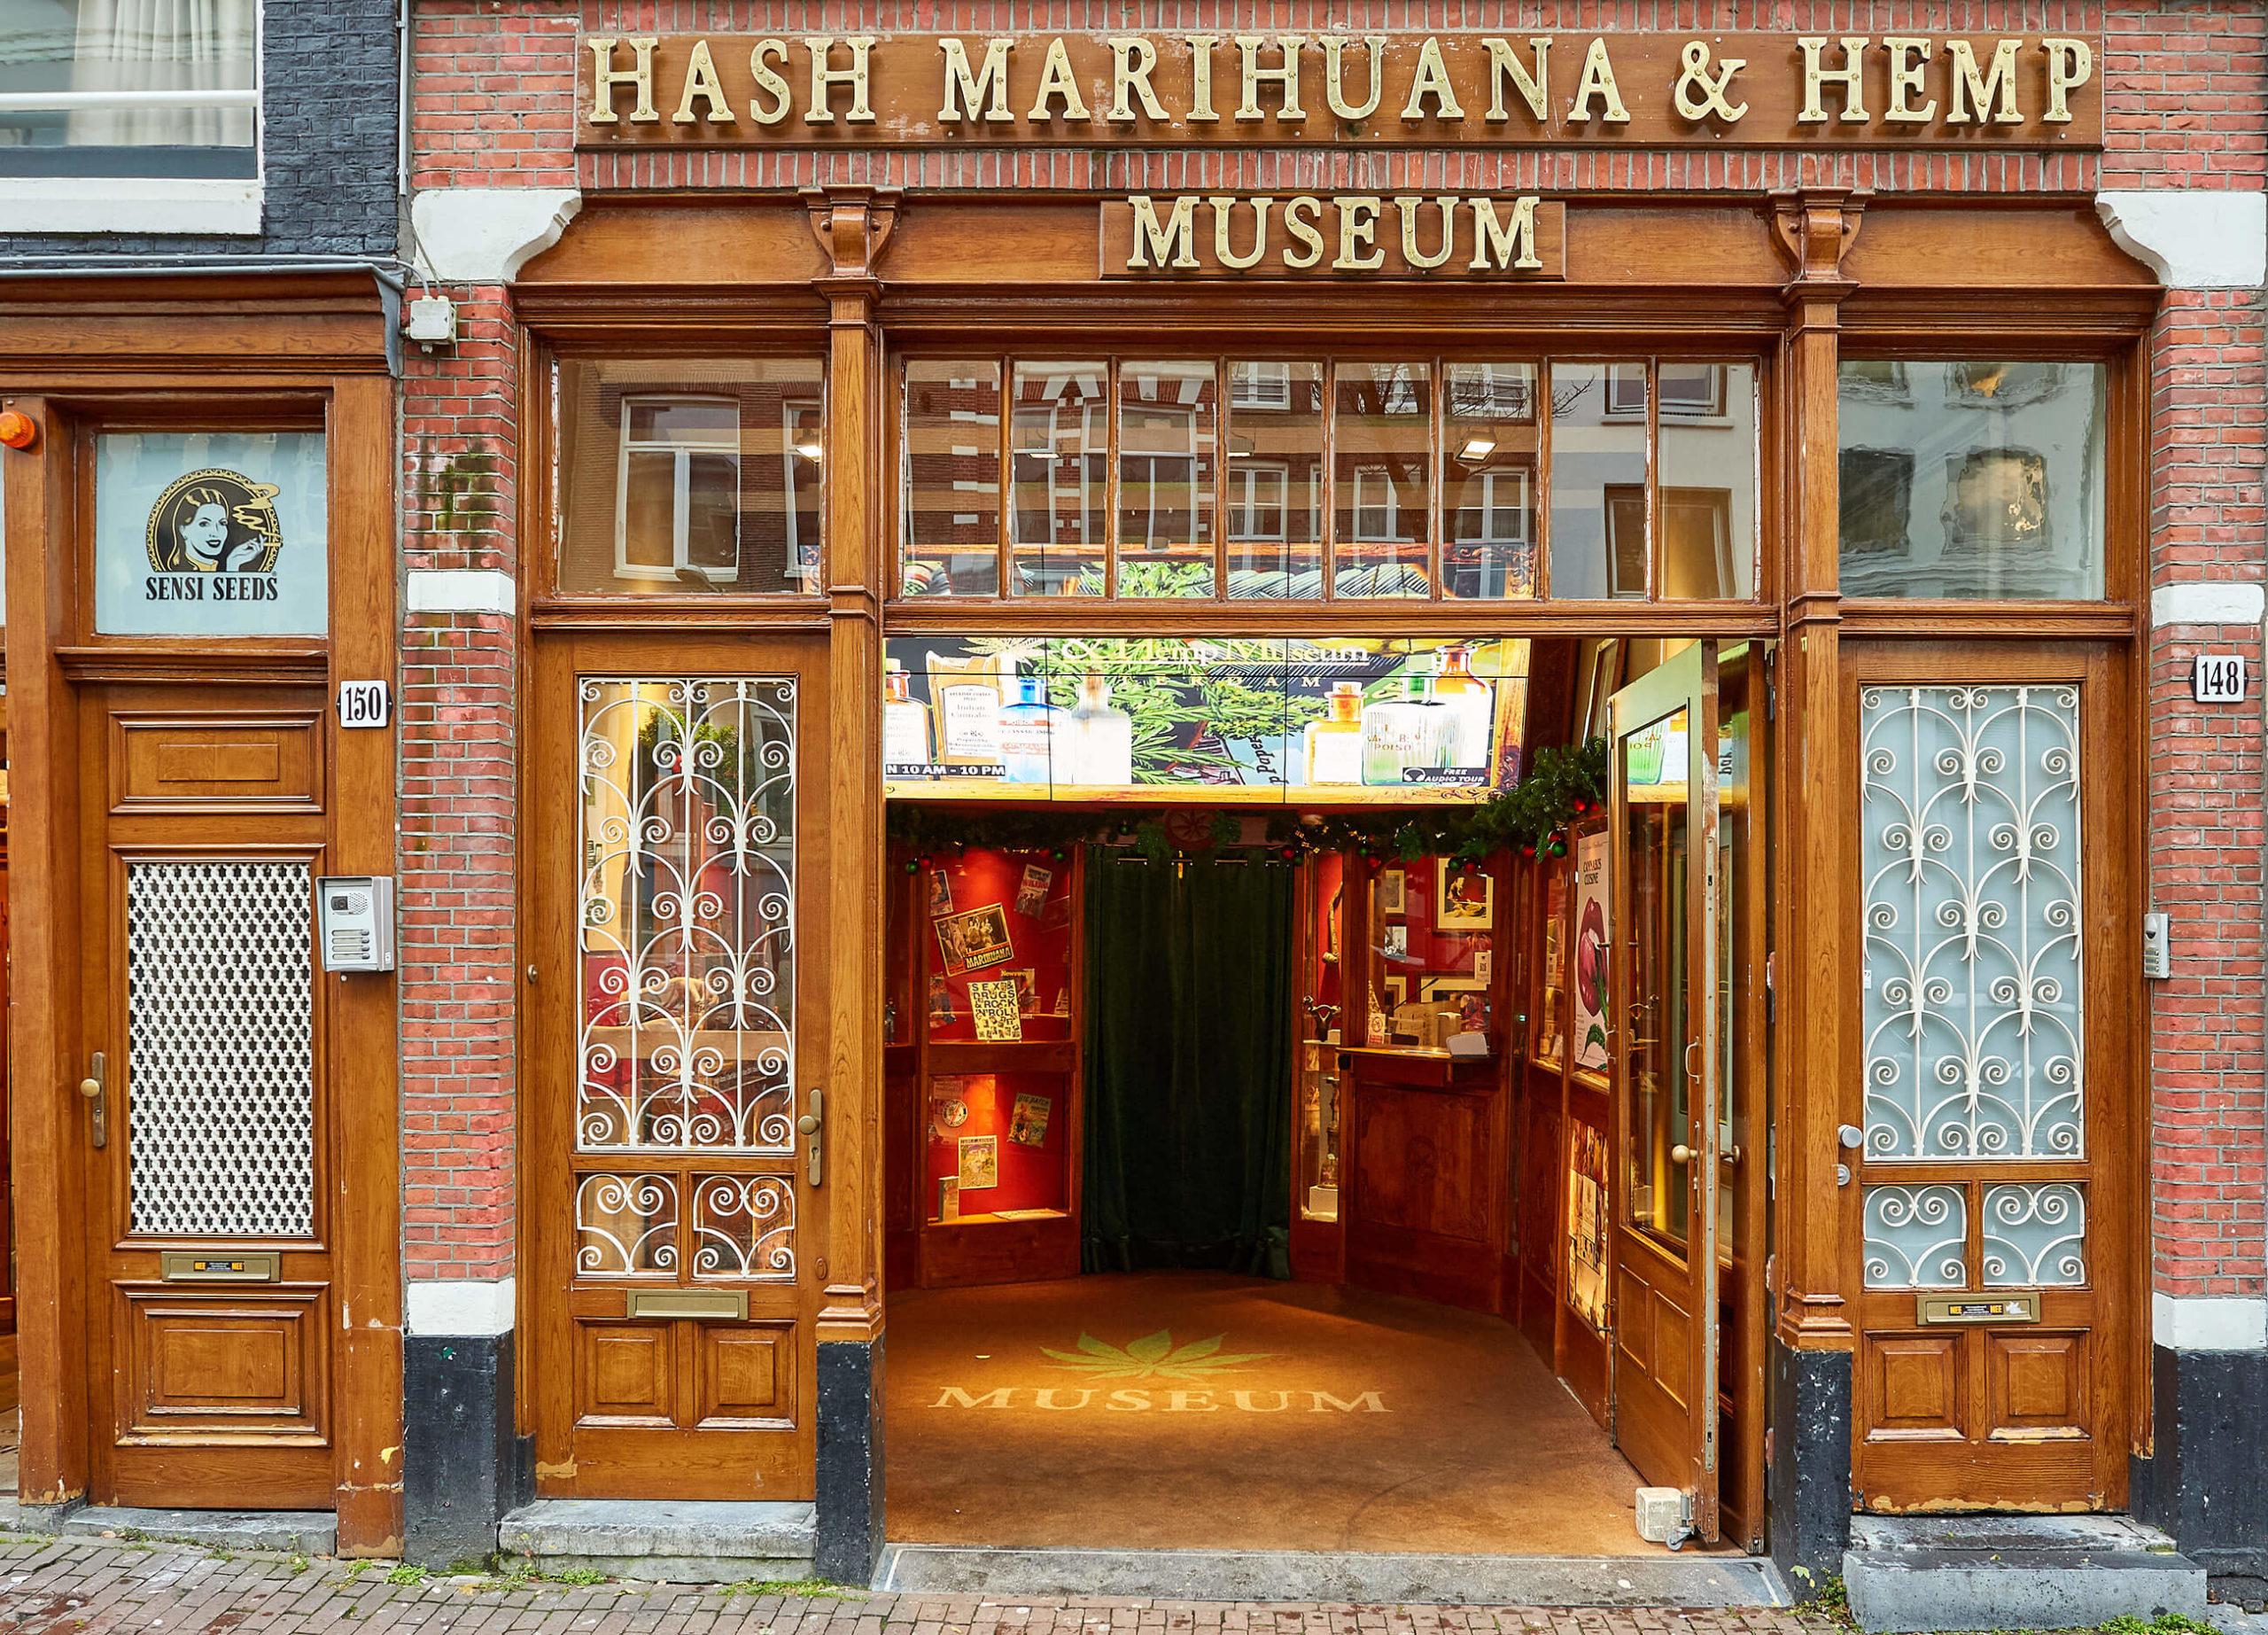 L'entrée du musée Hash Marihuana & Hemp